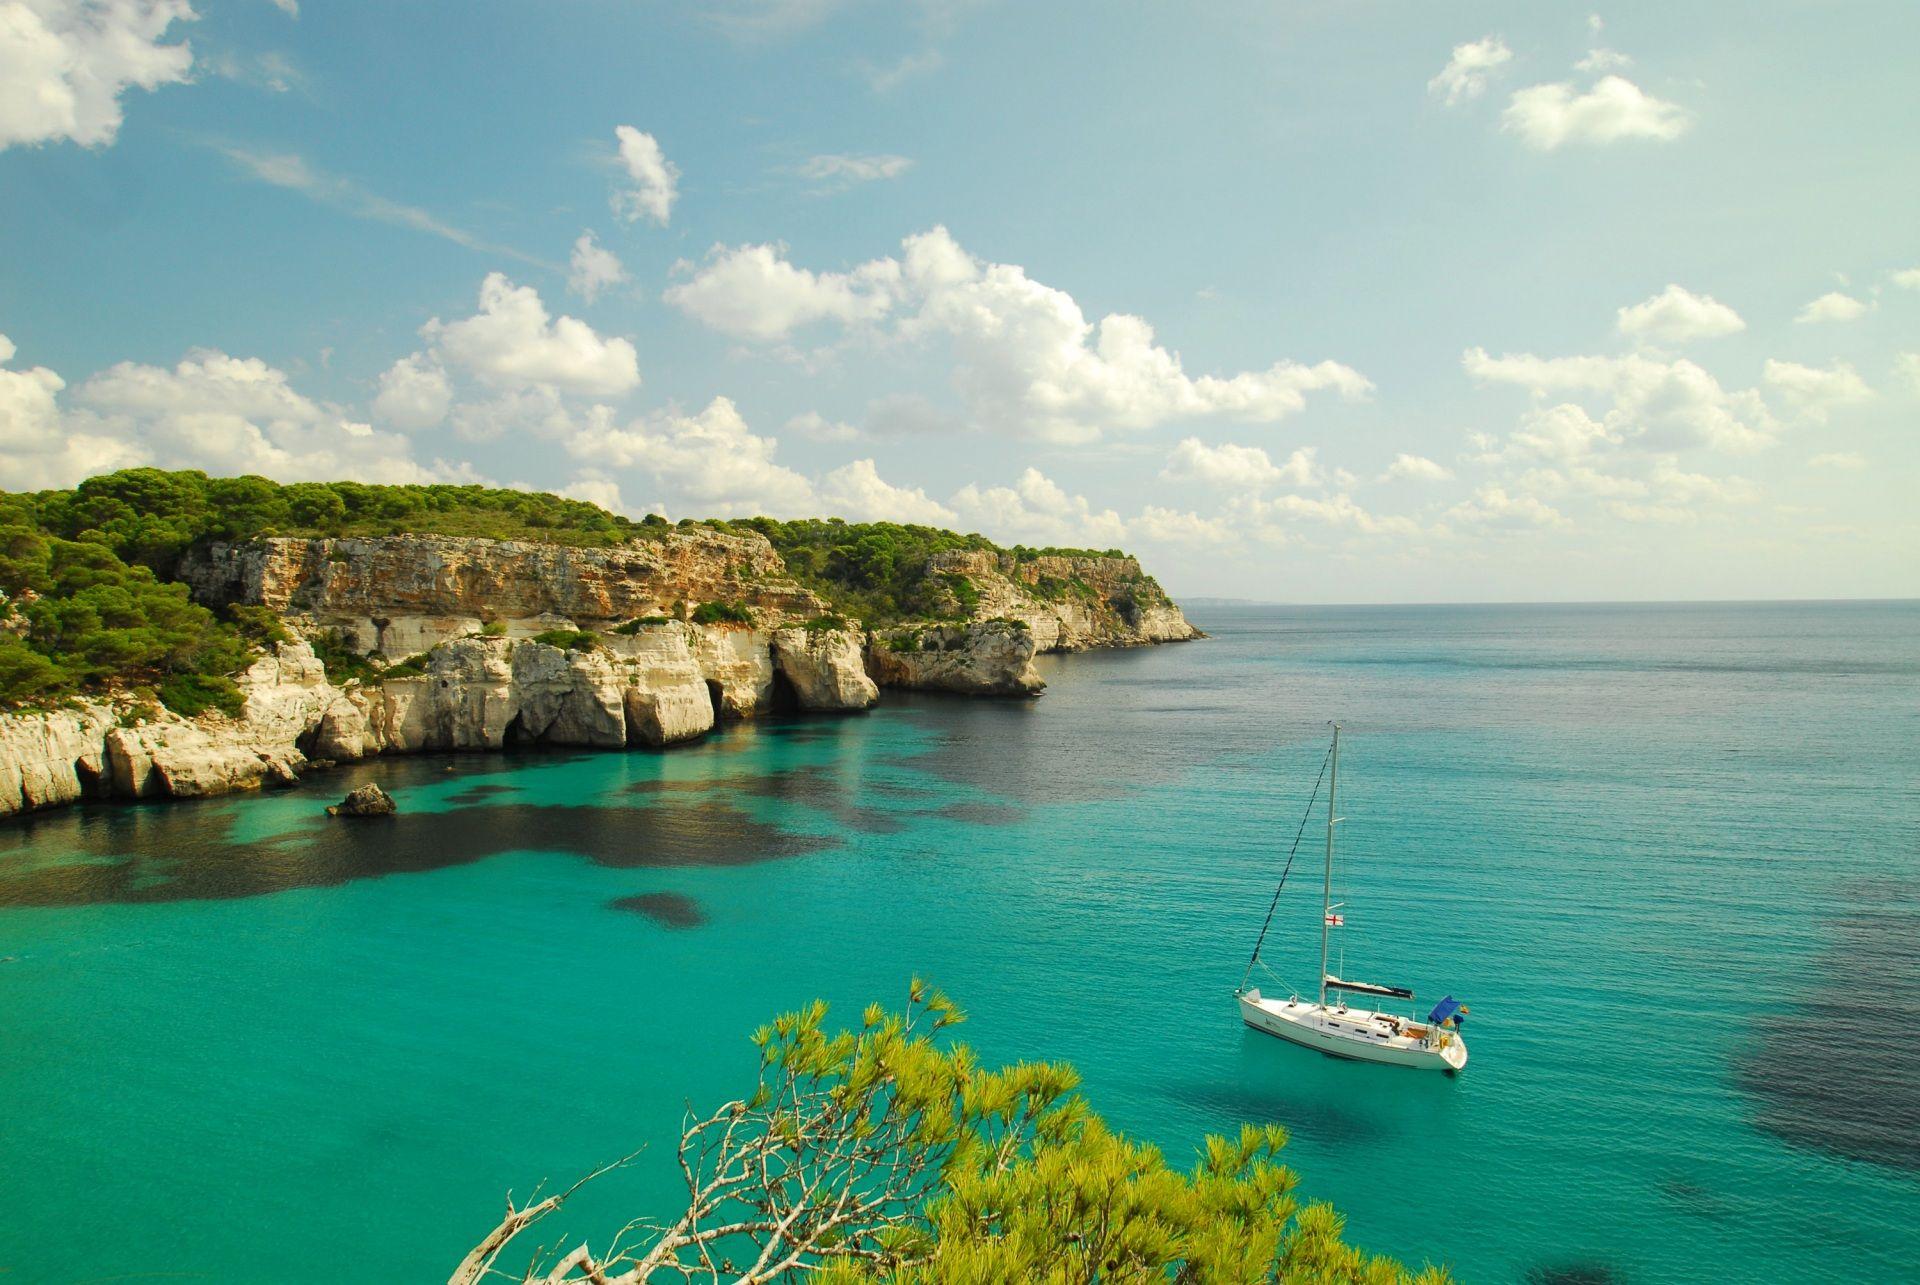 Fonds D Ecran Portugal Mer Cote Ciel A Voile Yacht Madeira Roc Nature Image Minorque Paysage Fond Ecran